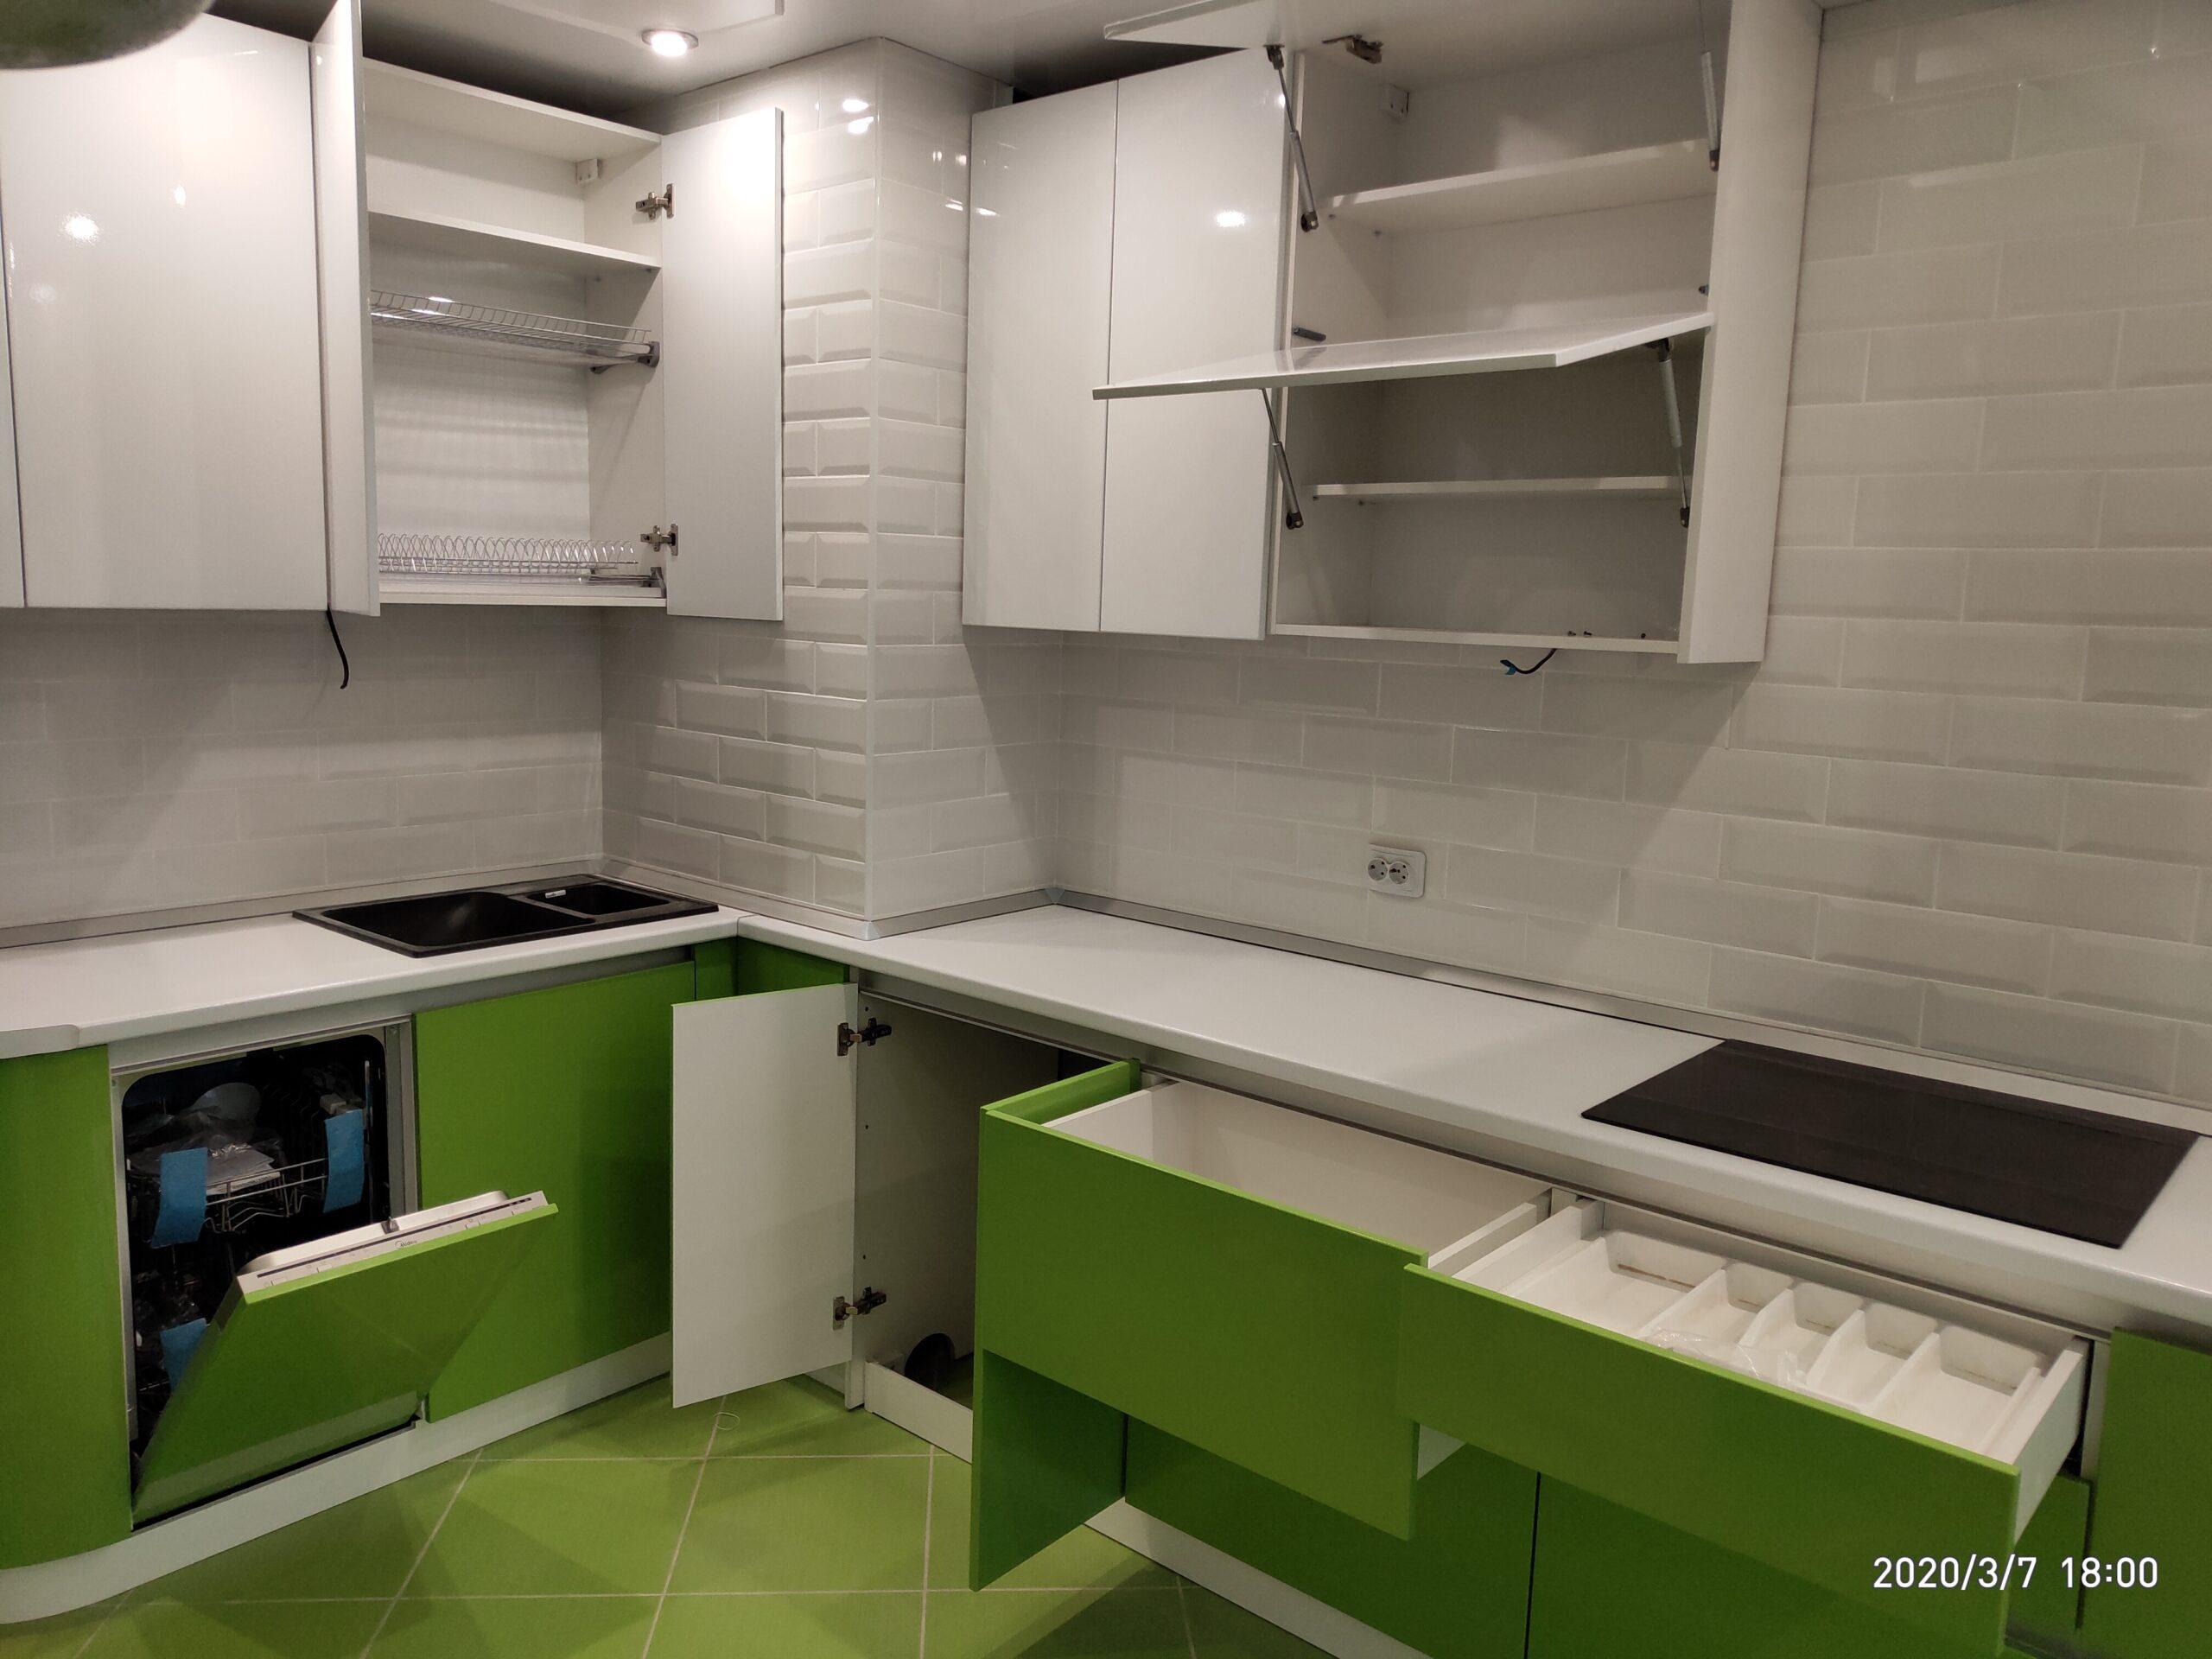 Фото Кухня без ручек с глянцевым зелёным и белым цветом